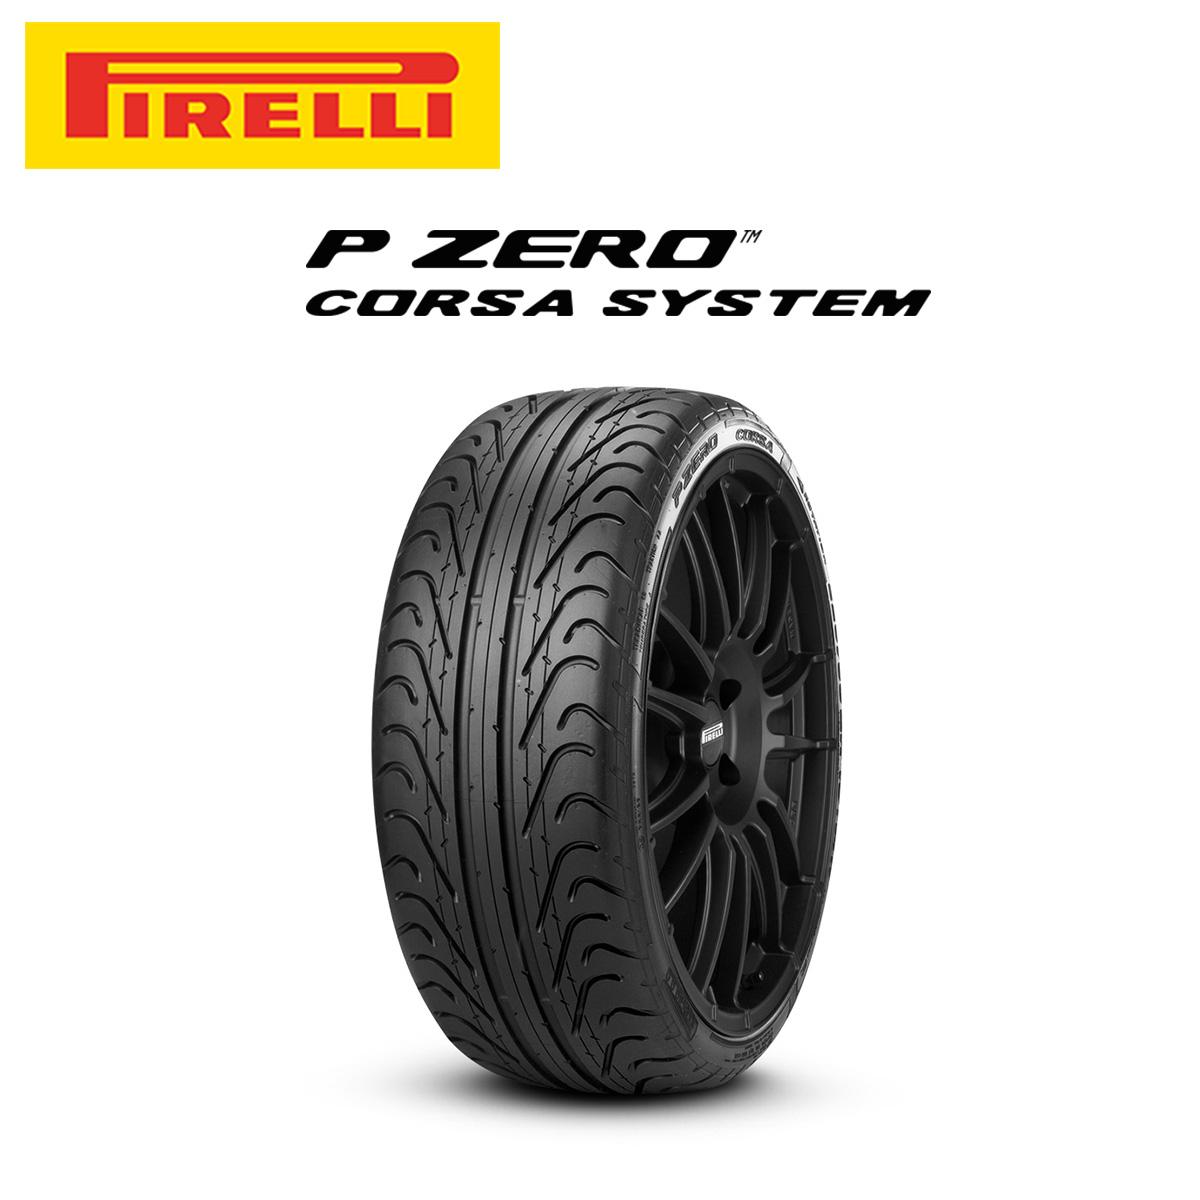 ピレリ PIRELLI P ZERO CORSA ピーゼロコルサ 20インチ サマー タイヤ 4本 セット 285/35ZR20 104Y XL ncs MC:マクラーレン承認タイヤ 2519300